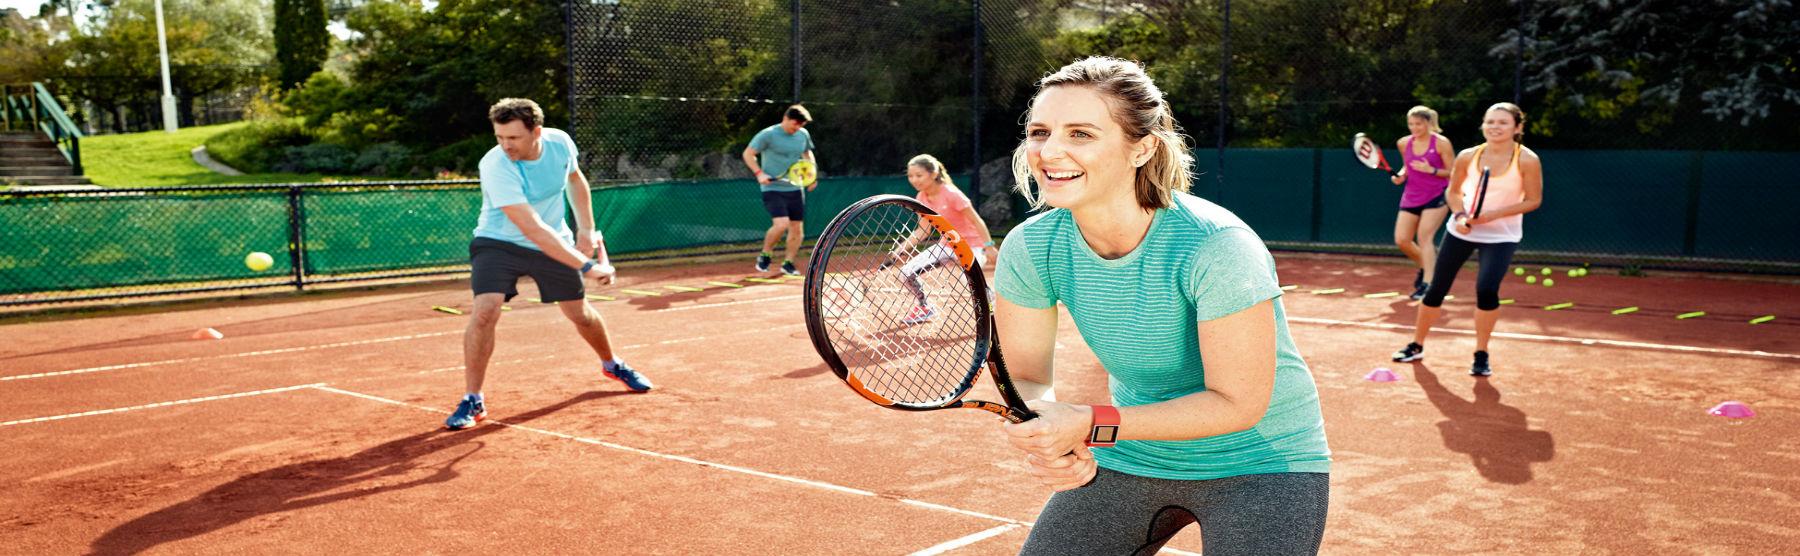 тренировка по большому теннису